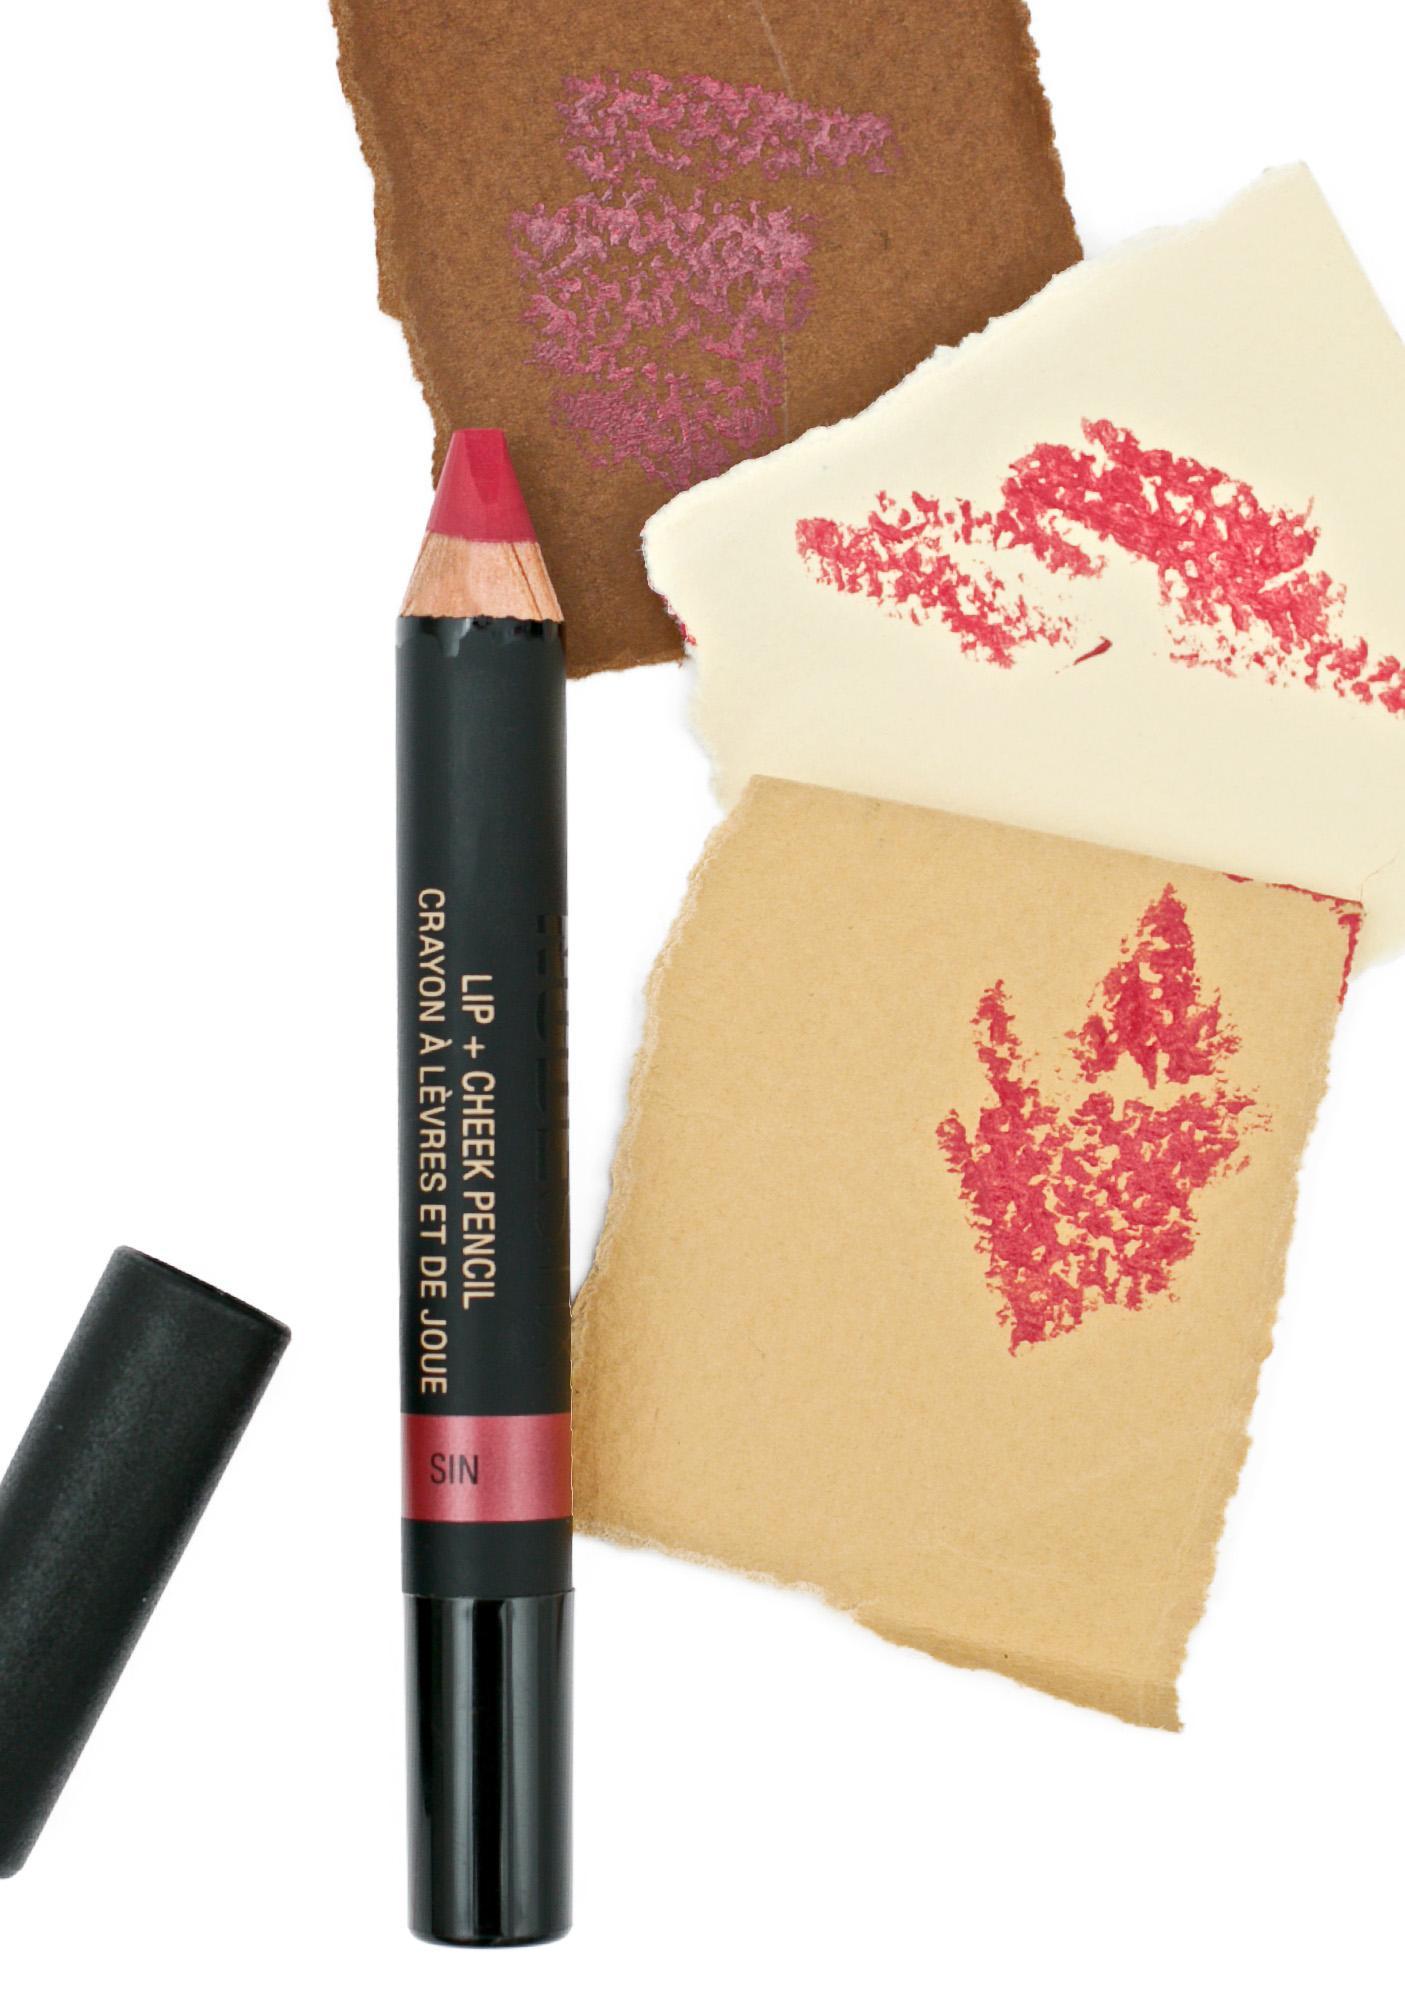 Nudestix Sin Lip + Cheek Pencil